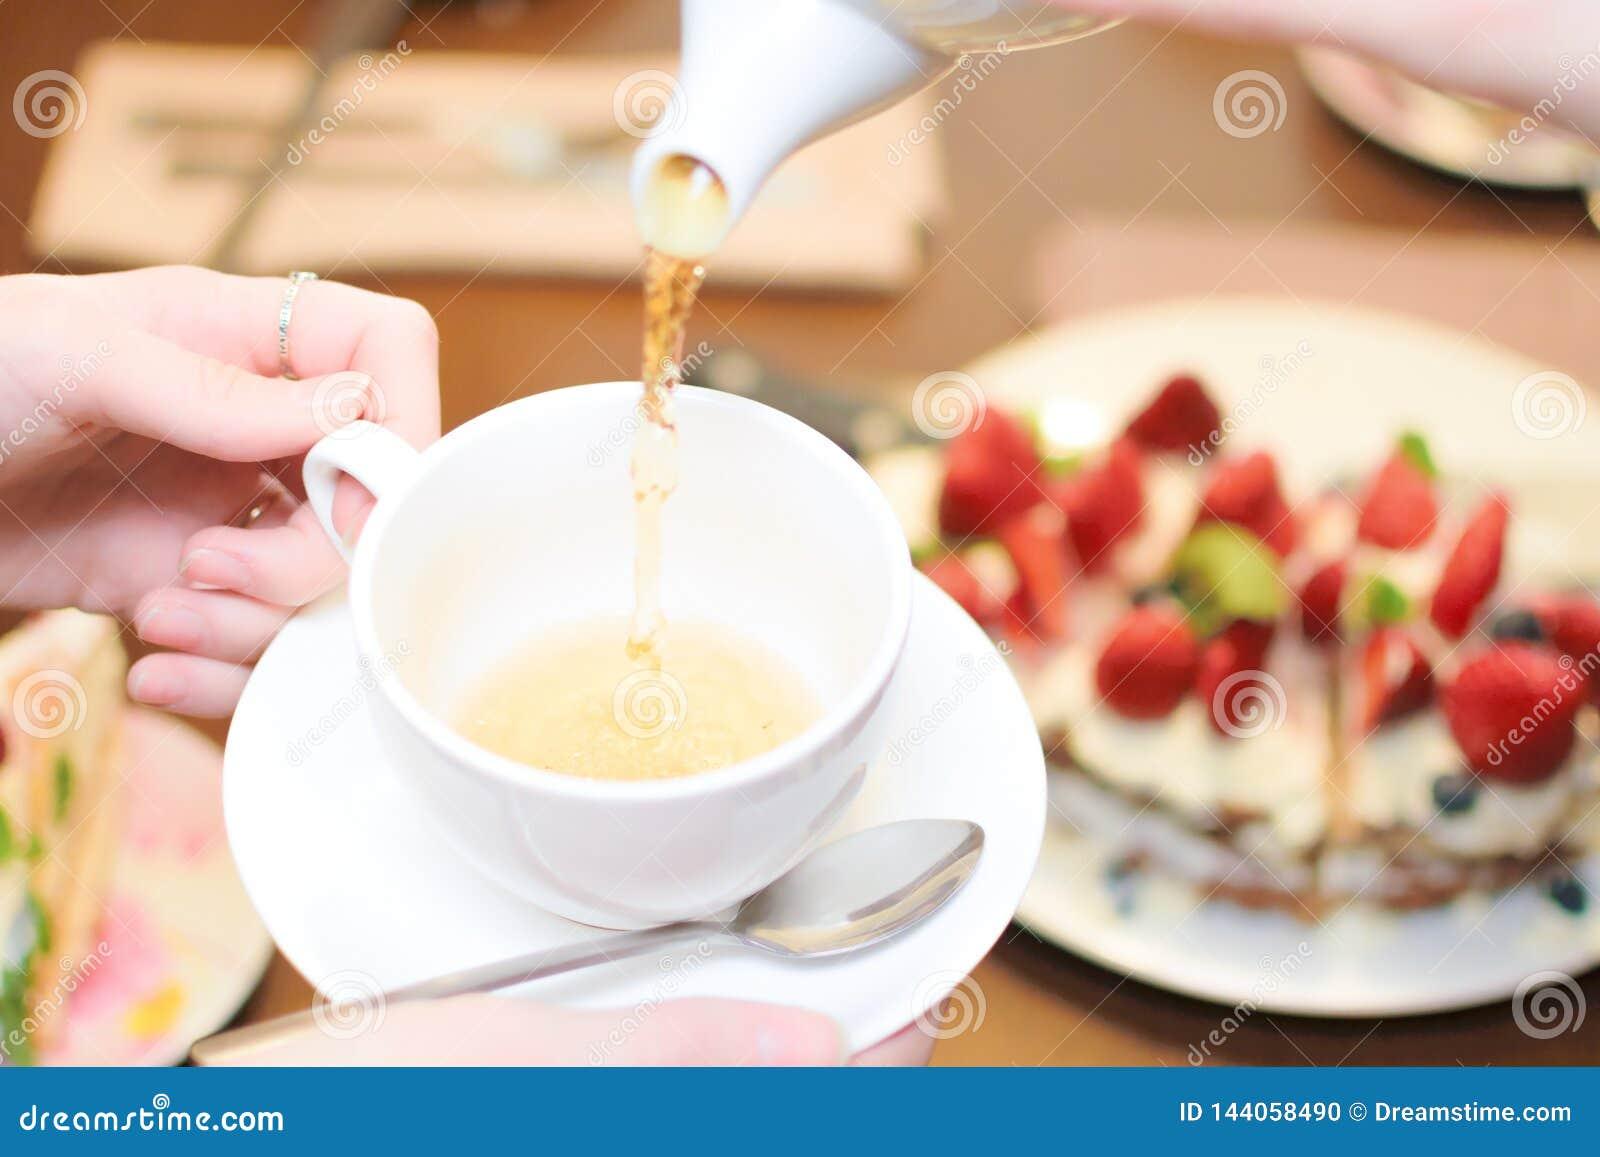 Tea party. Women pour green tea into a white Cup